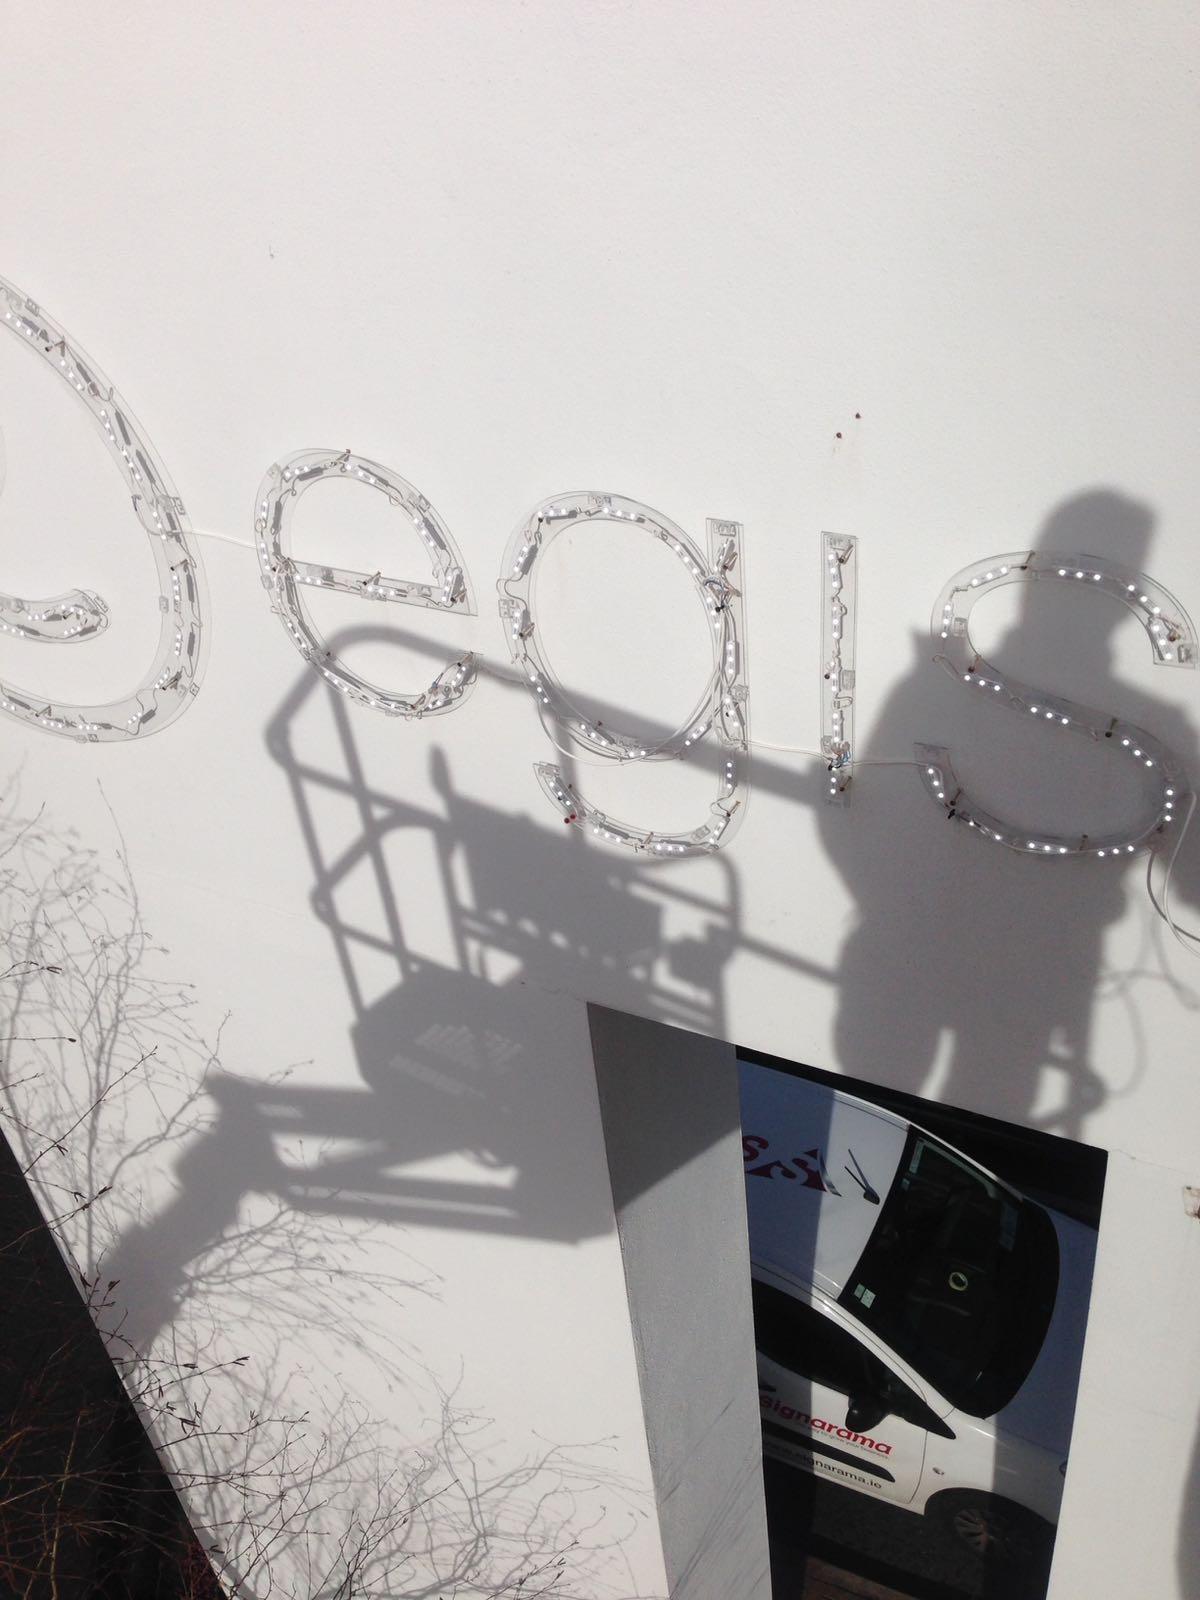 EGIS 3d Illuminated Lettering